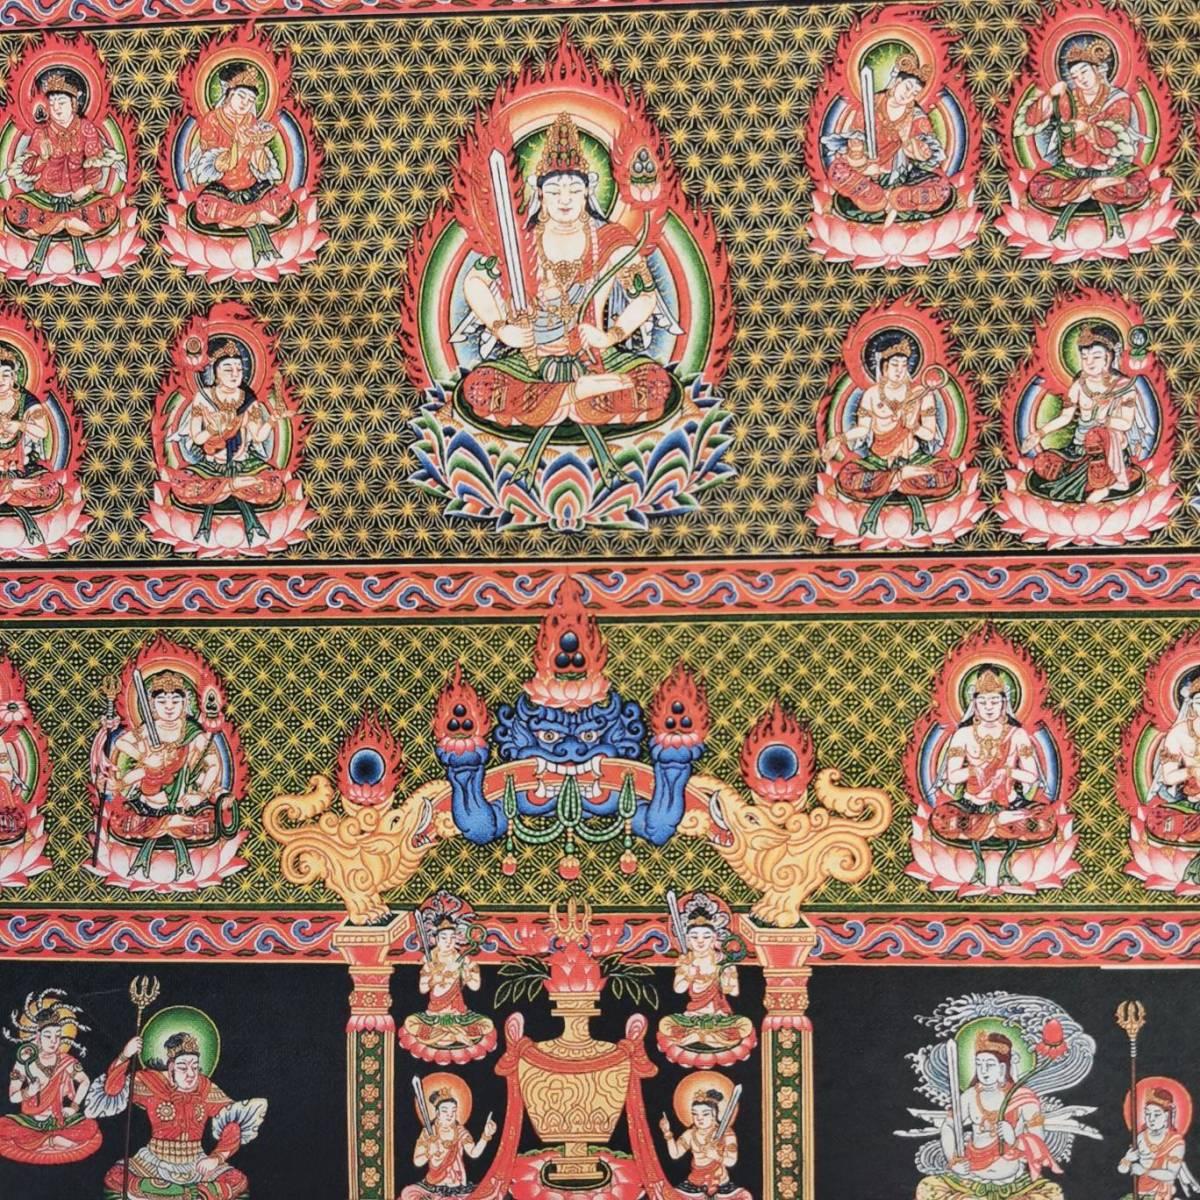 胎蔵界 曼荼羅 曼陀羅 マンダラ チベットタントリック タンカ 特別配布 印刷画  チベット仏像 大判 タンカ インテリア 装飾_画像6